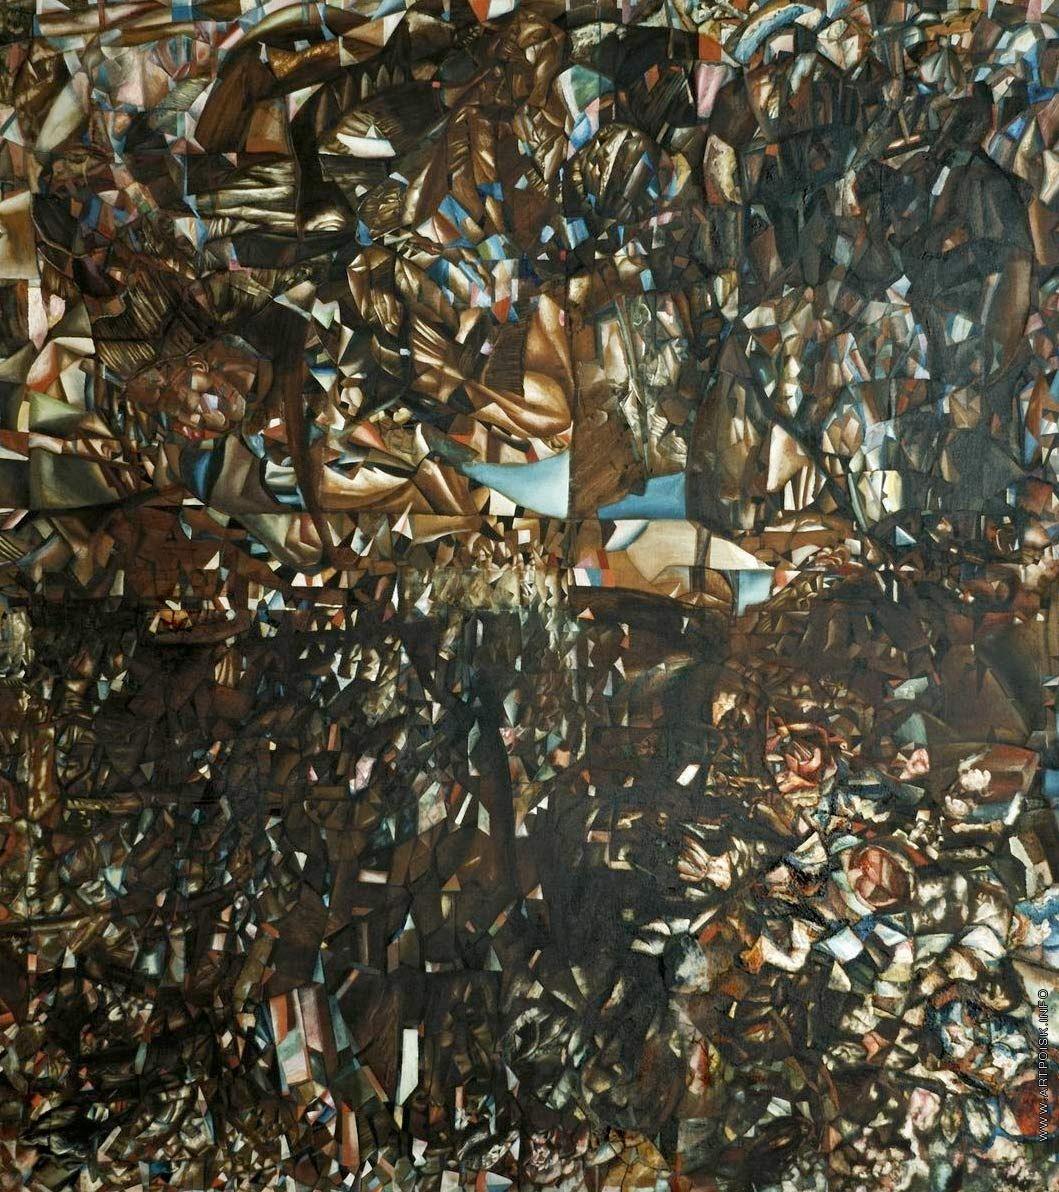 Филонов Павел Николаевич  Композиция. Ввод в Мировый расцвет 1914–1915 Холст, масло 172 х 156